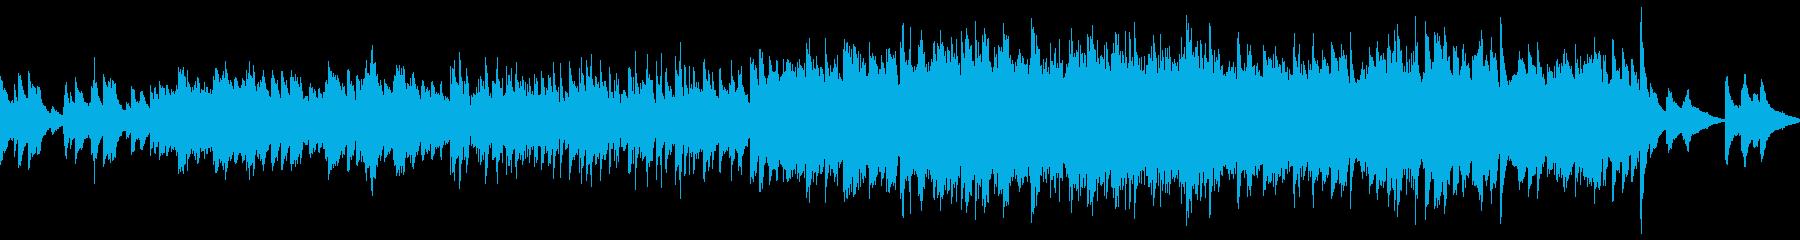 ノスタルジックなバラード曲(ループ仕様)の再生済みの波形